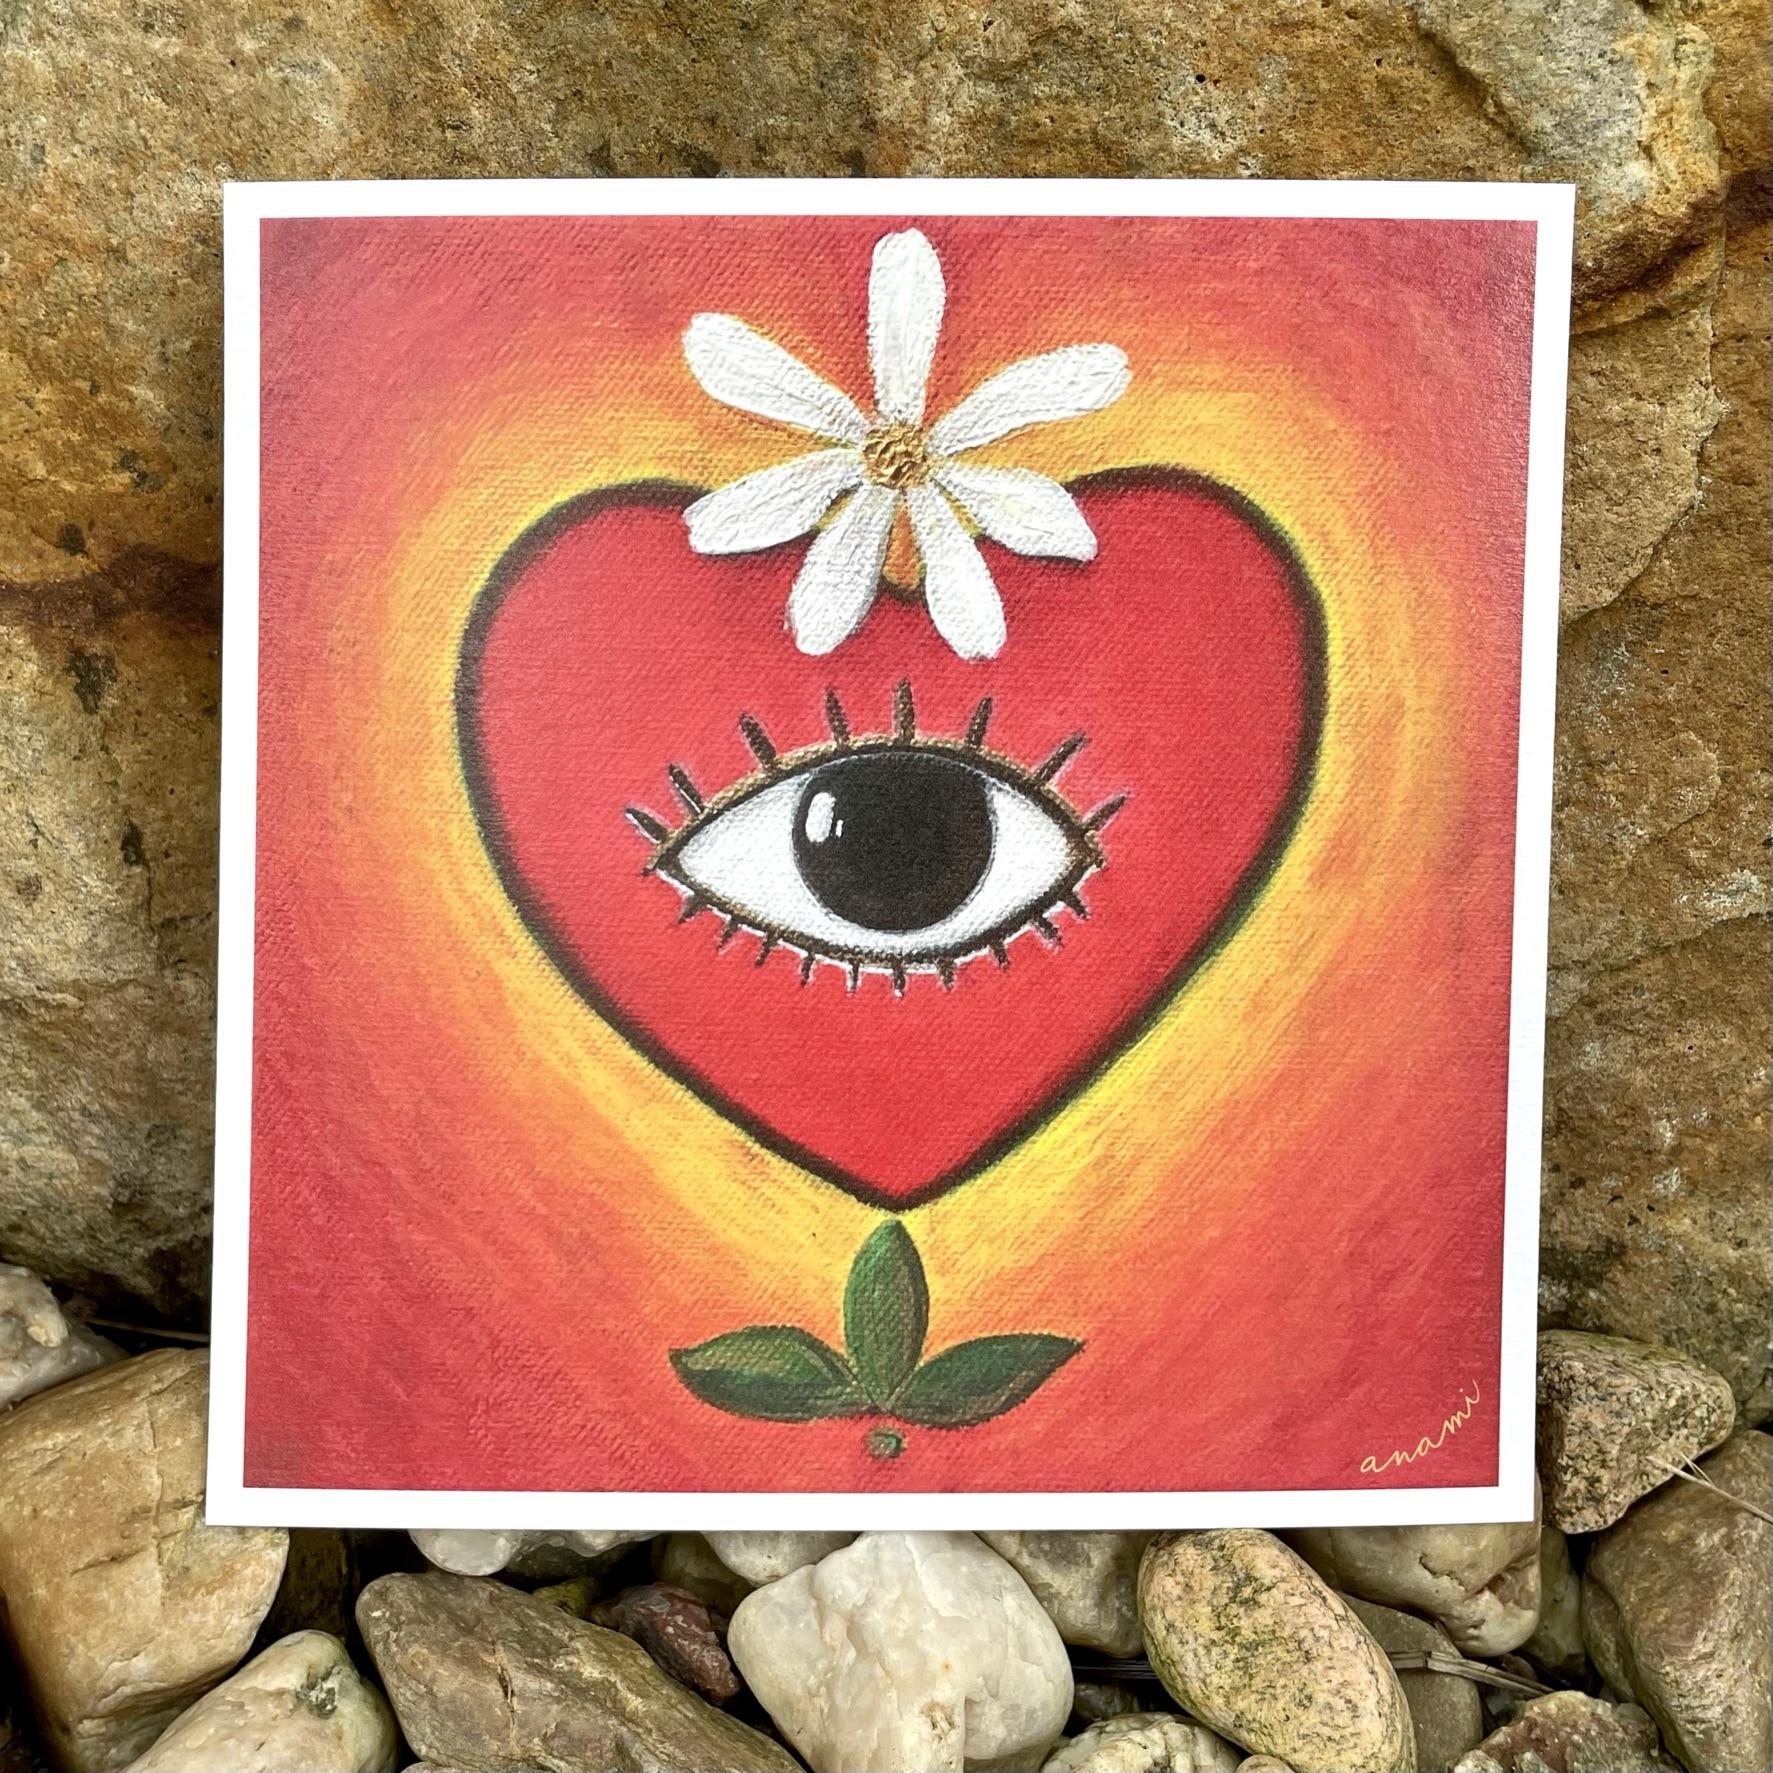 Obrázek srdce oko květina v červených barvách